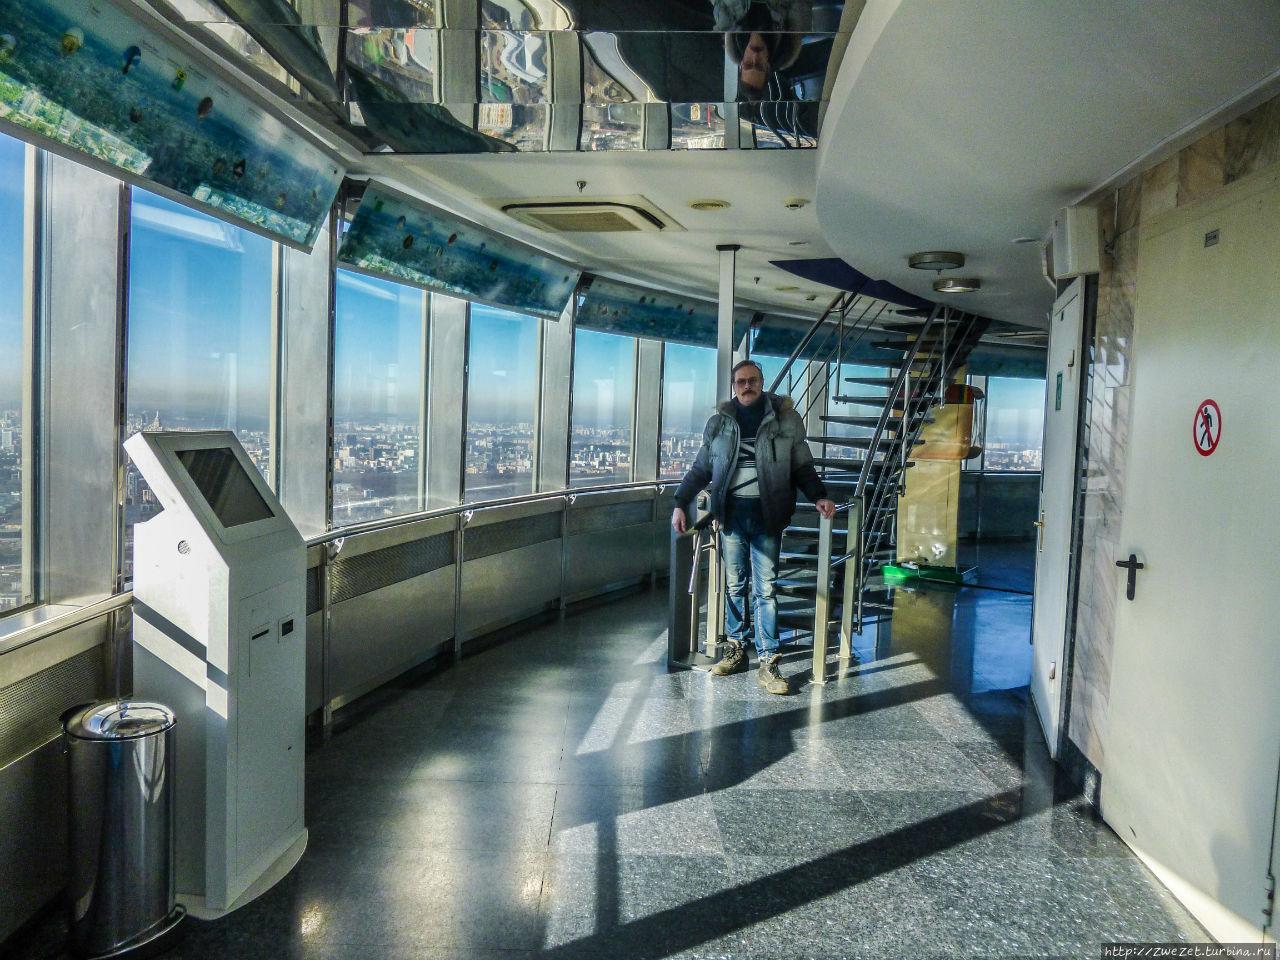 Лестница на открытую смотровую площадку, недоступную туристам зимой